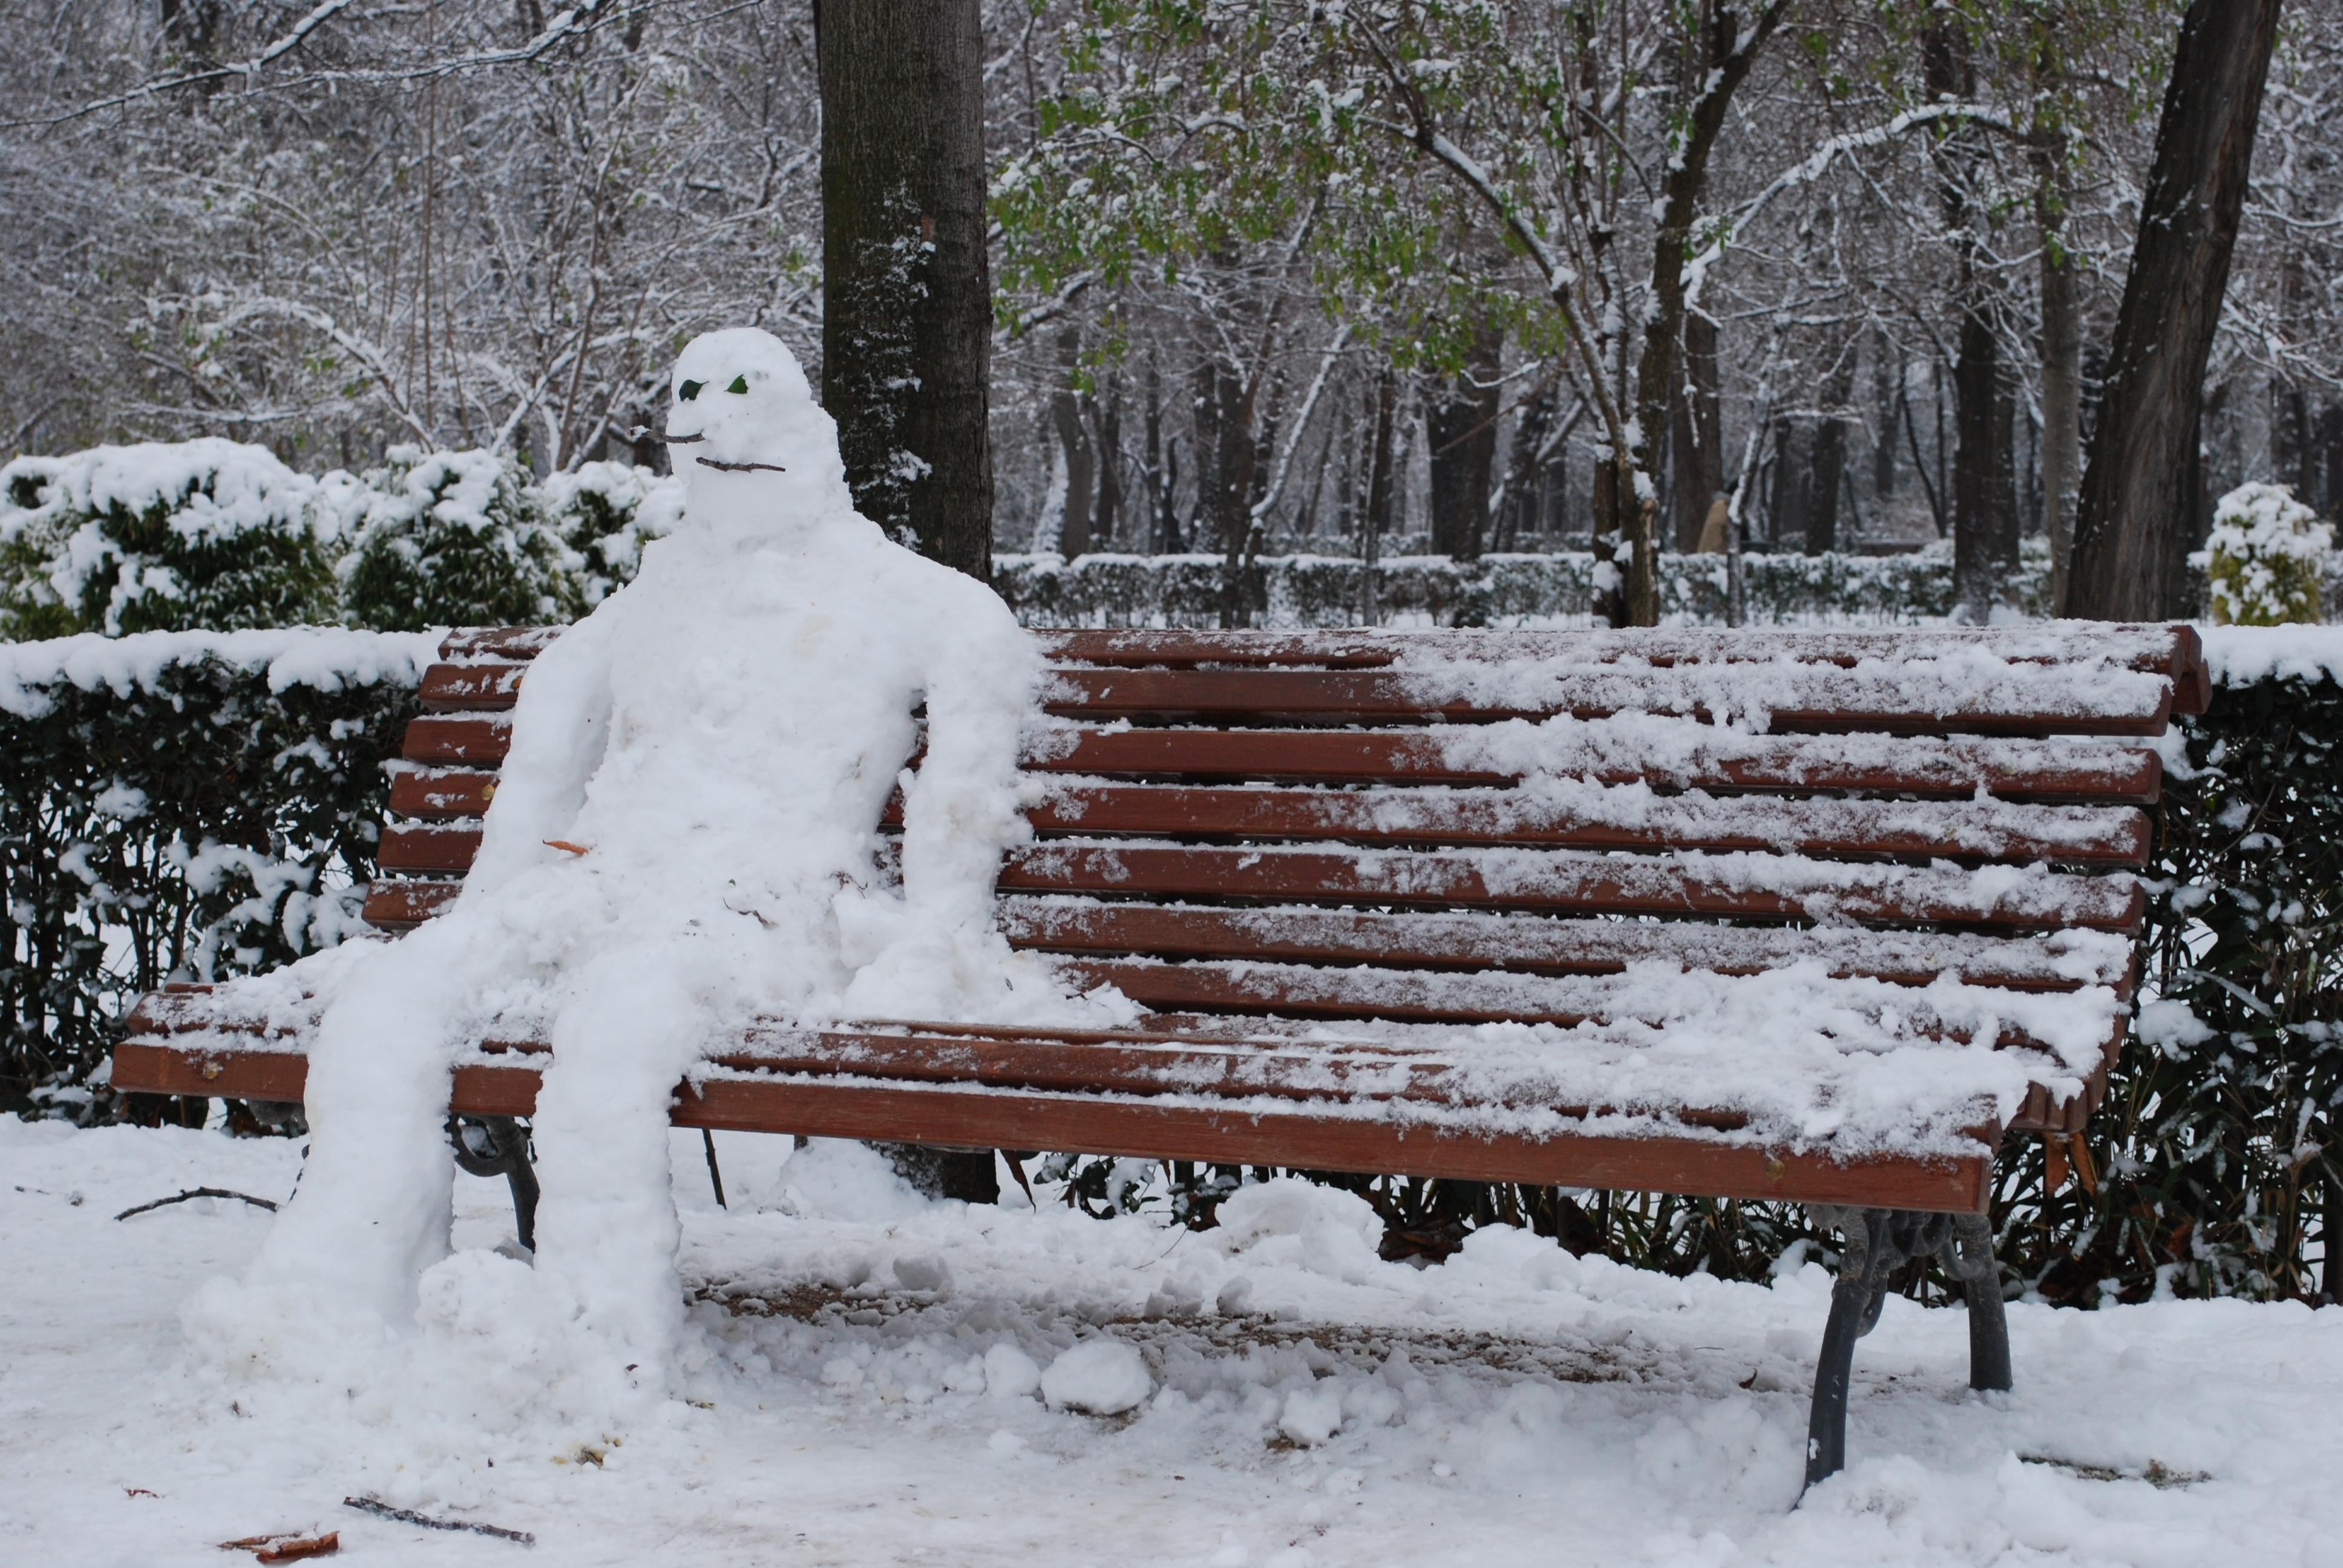 Muñecos de nieve [imagenes]